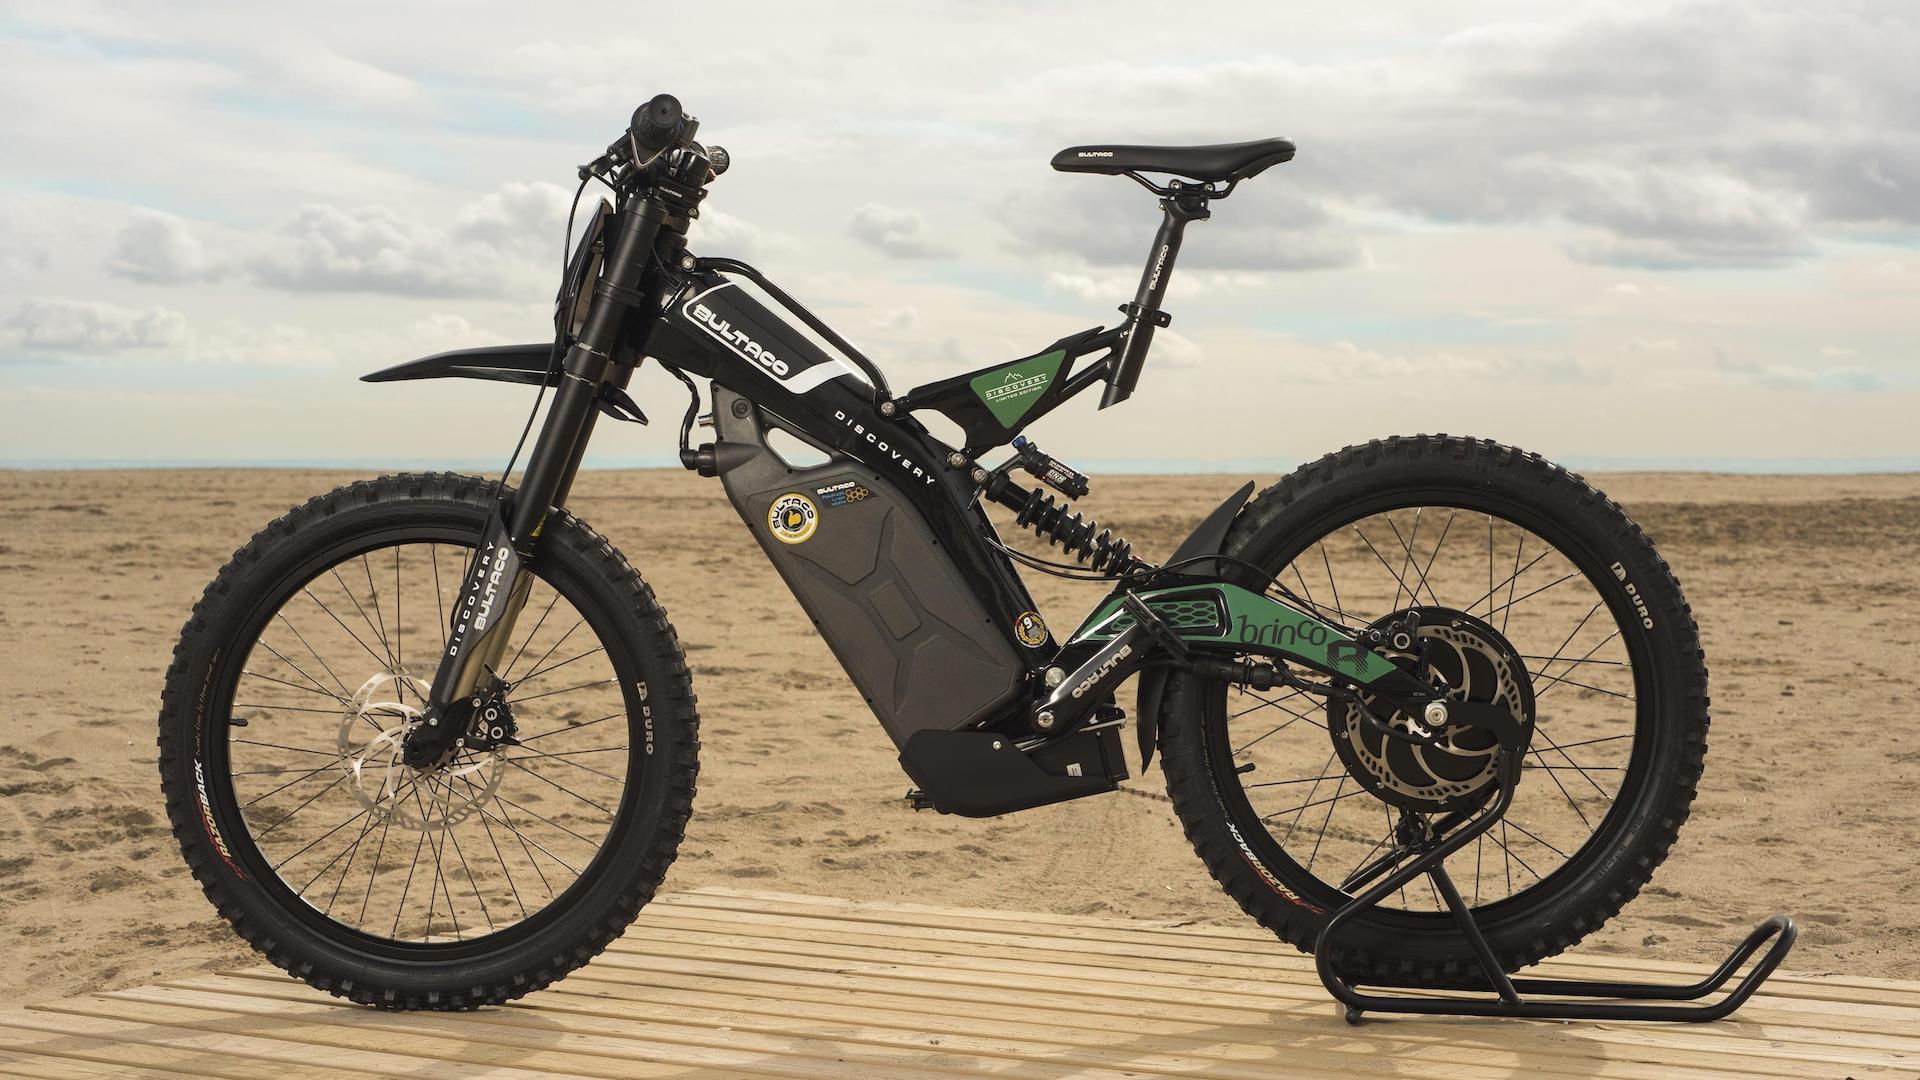 [Imágenes] La nueva moto bike eléctrica con el sello de Land Rover y Bultaco. ¿Cuánto cuesta?